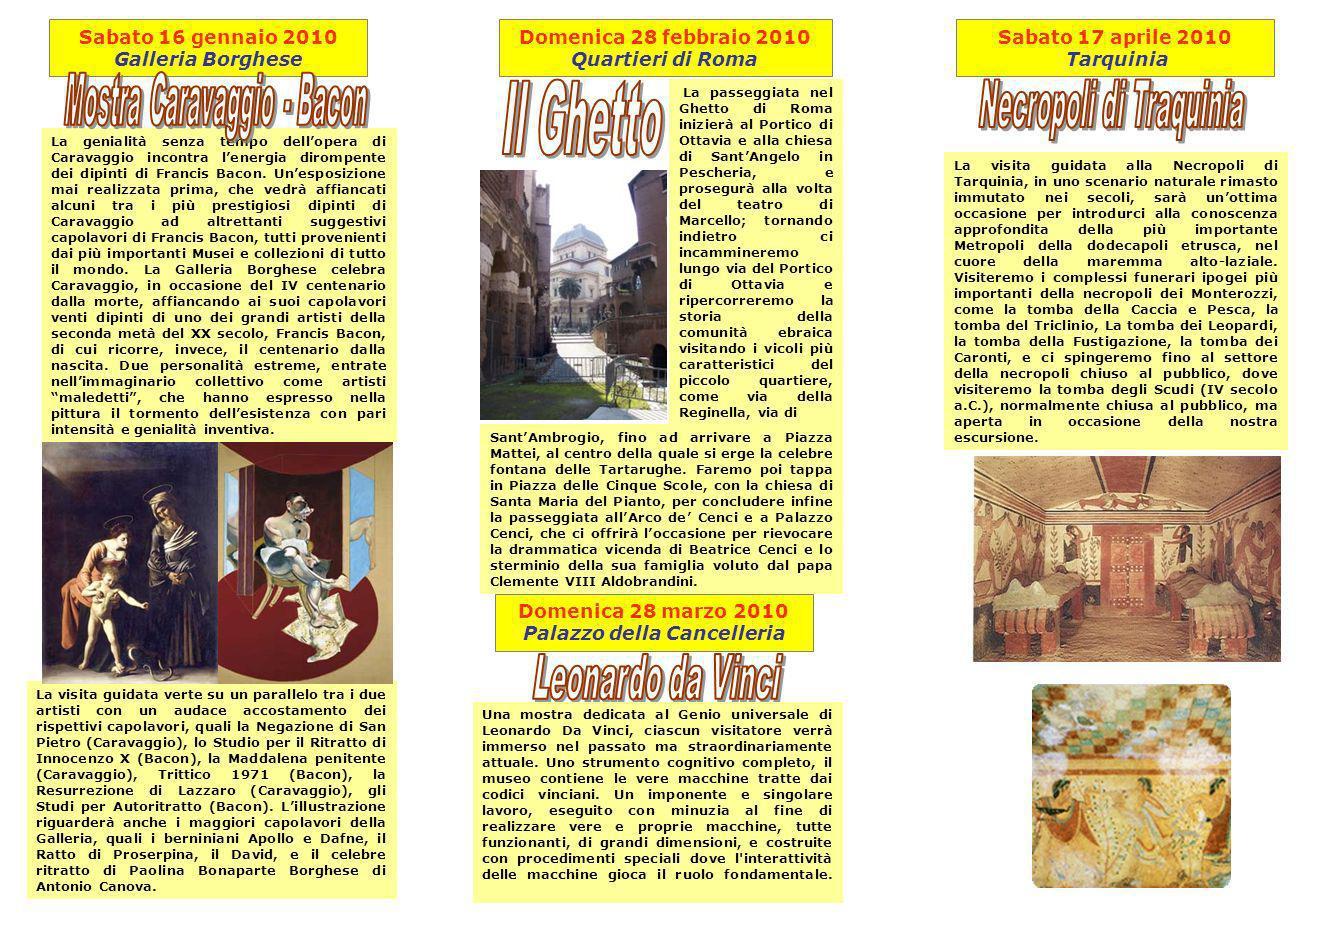 Domenica 28 marzo 2010 Palazzo della Cancelleria La visita guidata verte su un parallelo tra i due artisti con un audace accostamento dei rispettivi capolavori, quali la Negazione di San Pietro (Caravaggio), lo Studio per il Ritratto di Innocenzo X (Bacon), la Maddalena penitente (Caravaggio), Trittico 1971 (Bacon), la Resurrezione di Lazzaro (Caravaggio), gli Studi per Autoritratto (Bacon).